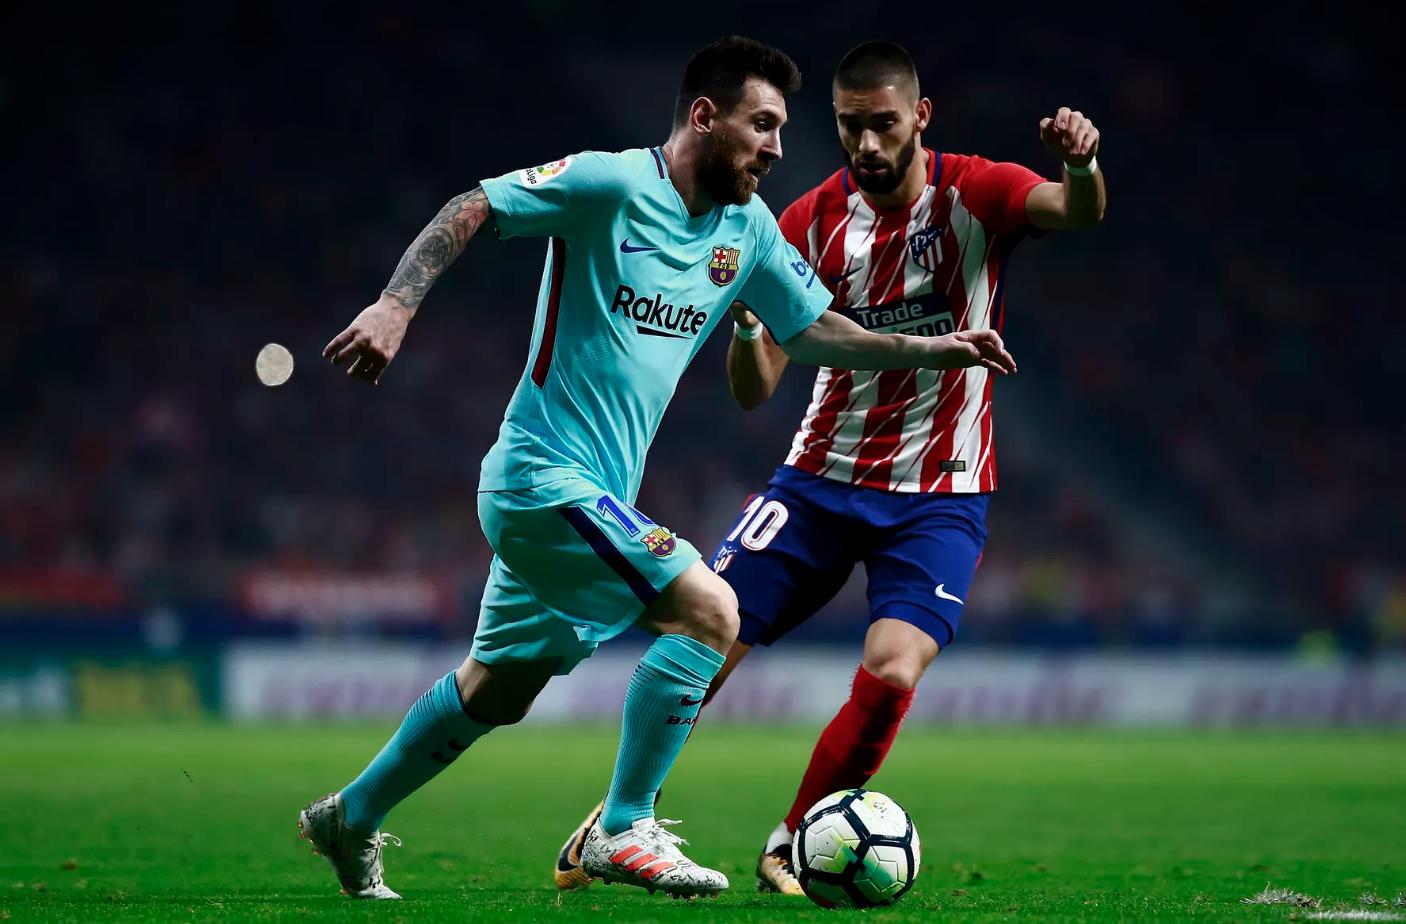 Thống kê thật sự SỐC của Messi từ đầu mùa giải đến giờ khiến fan hoảng hốt